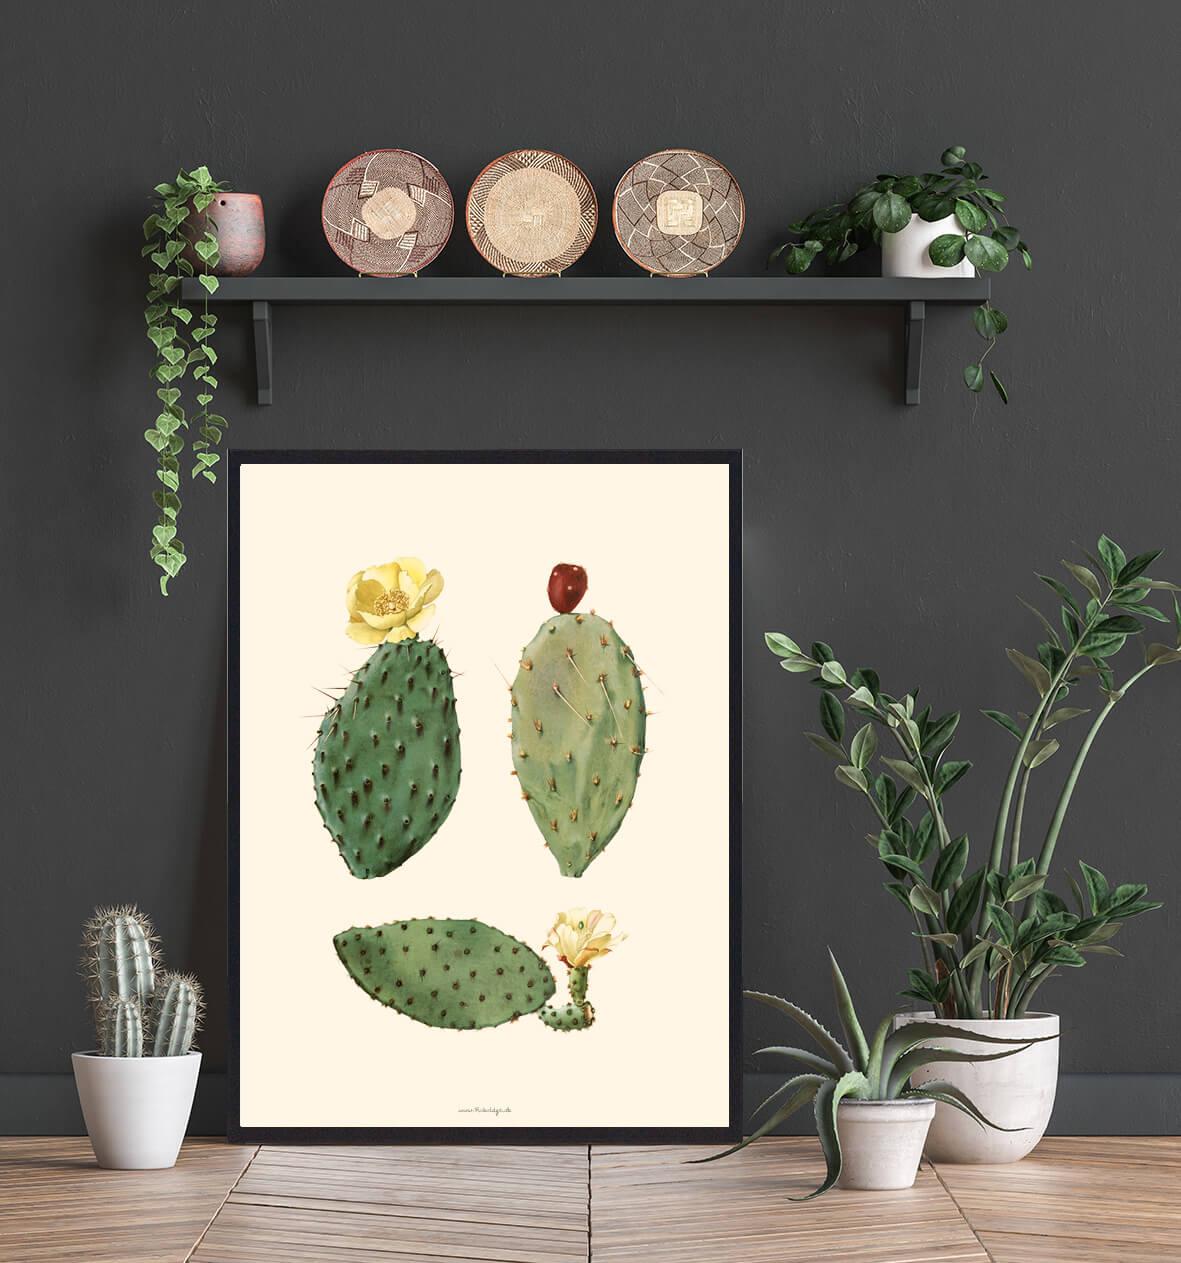 plakate-plakat-kaktus-3